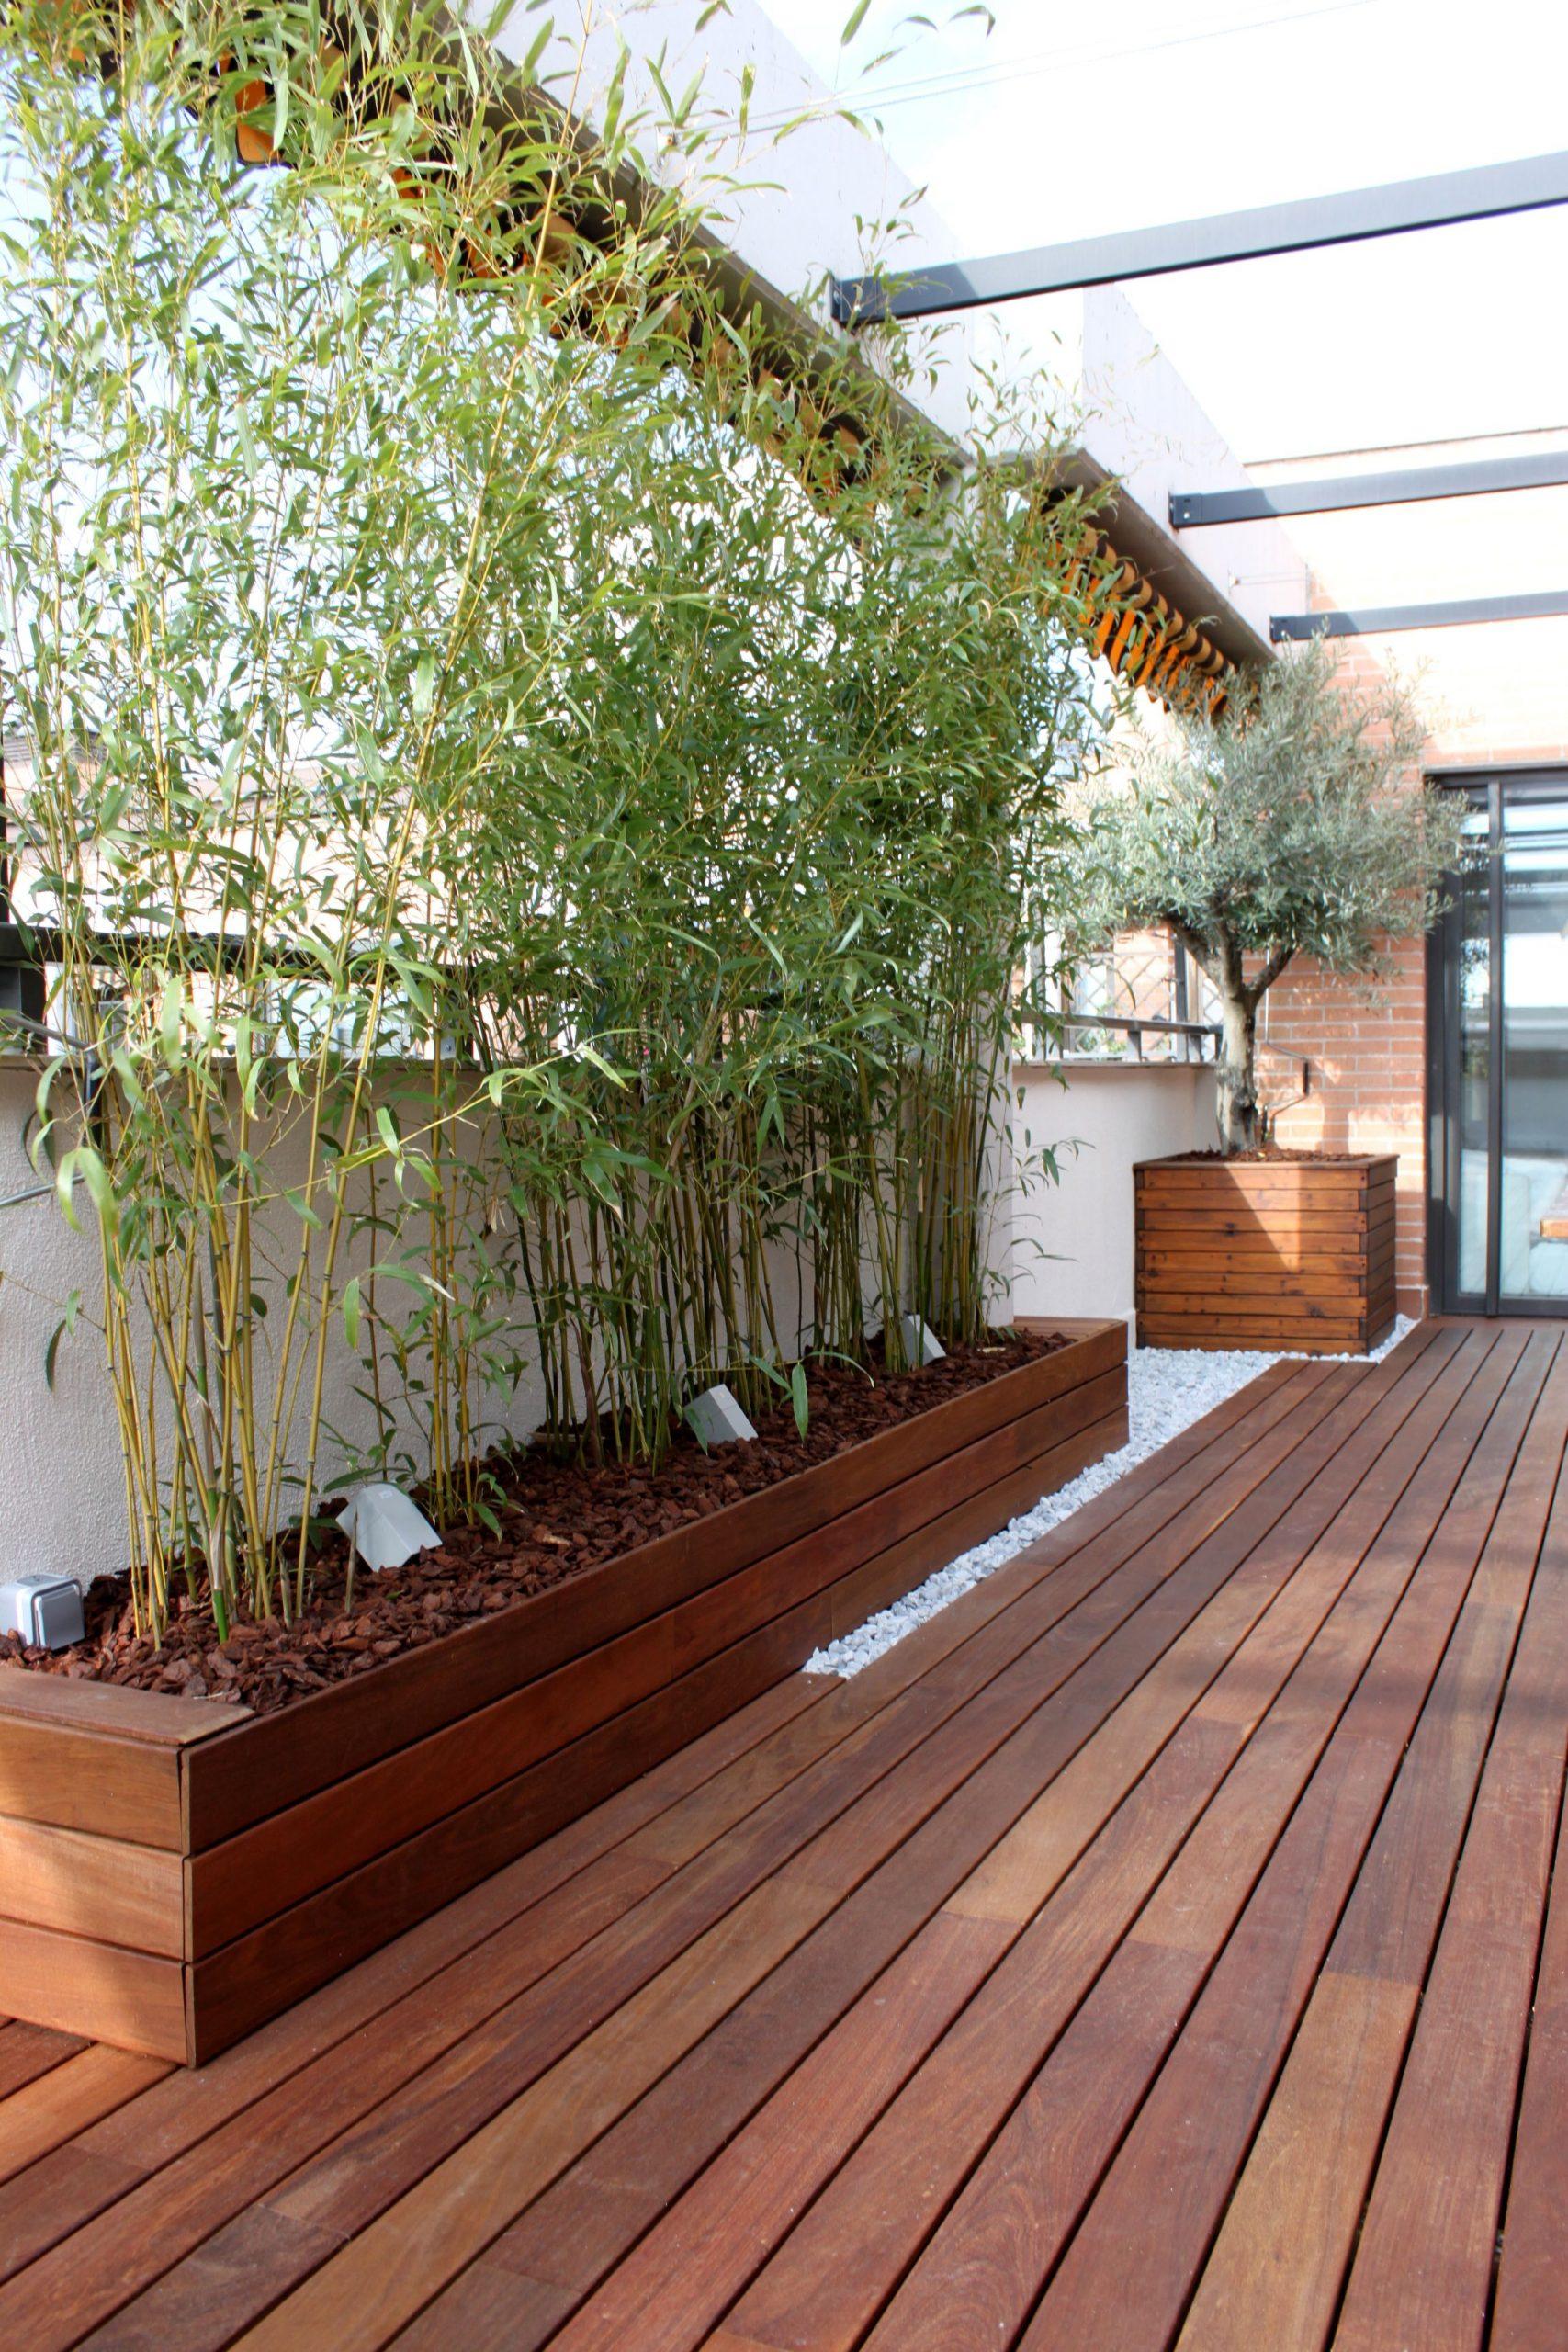 Jardinera De Madera De Ipe Integrada Con El Pavimento ... encequiconcerne Bac En Bois Pour Jardin